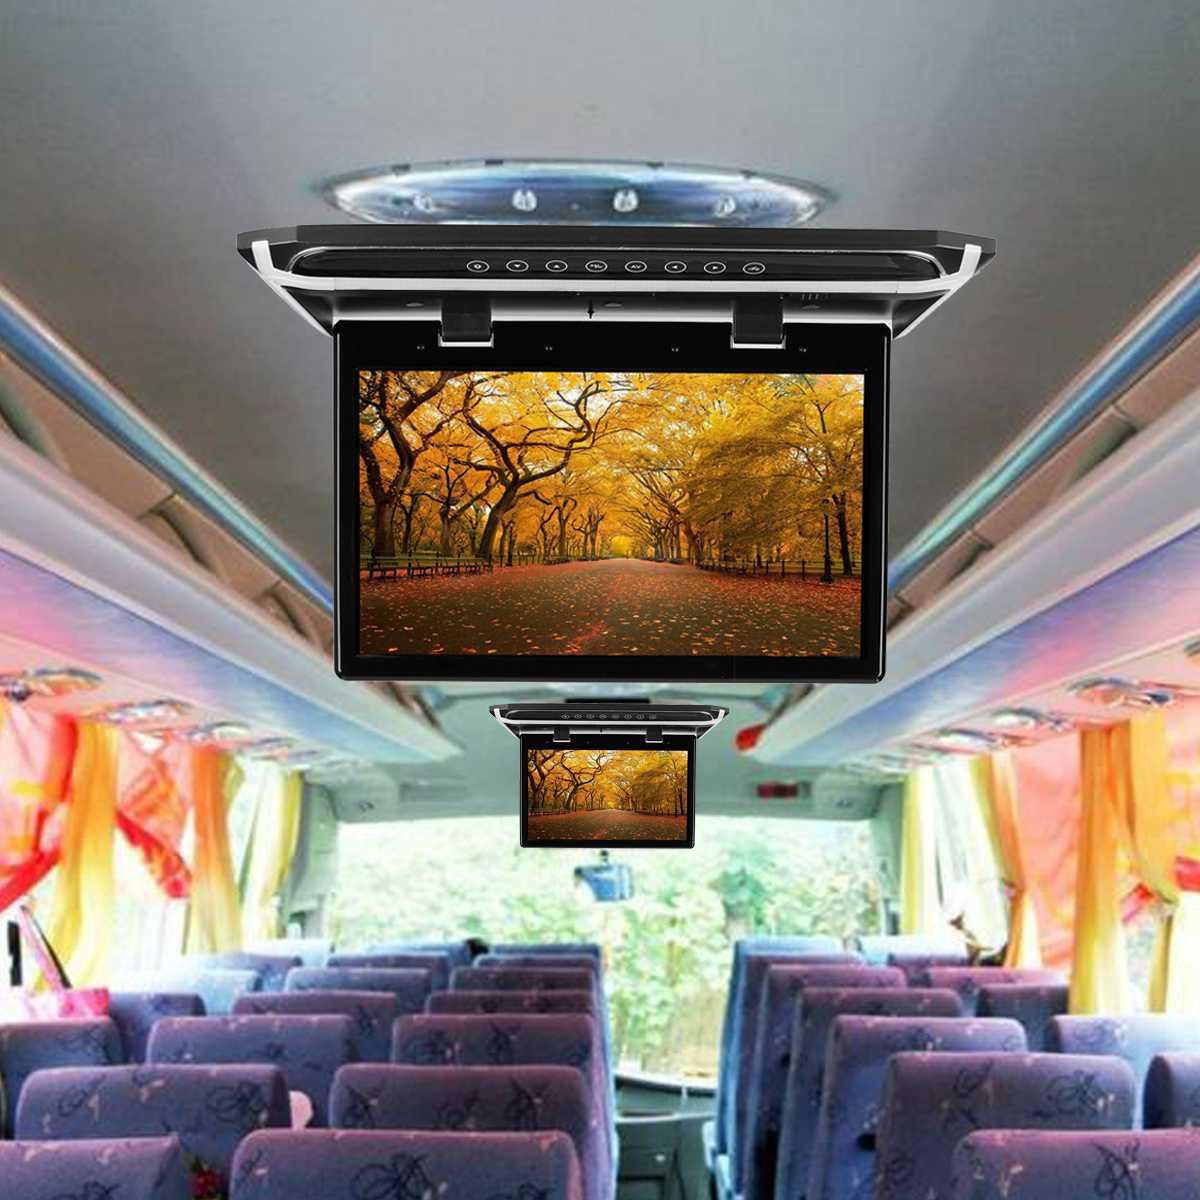 Reproductor de DVD de pantalla ancha HD de 15,6 pulgadas para coche, reproductor de montaje en techo de coche HDMI abatible hacia abajo para Monitor 1920*1080